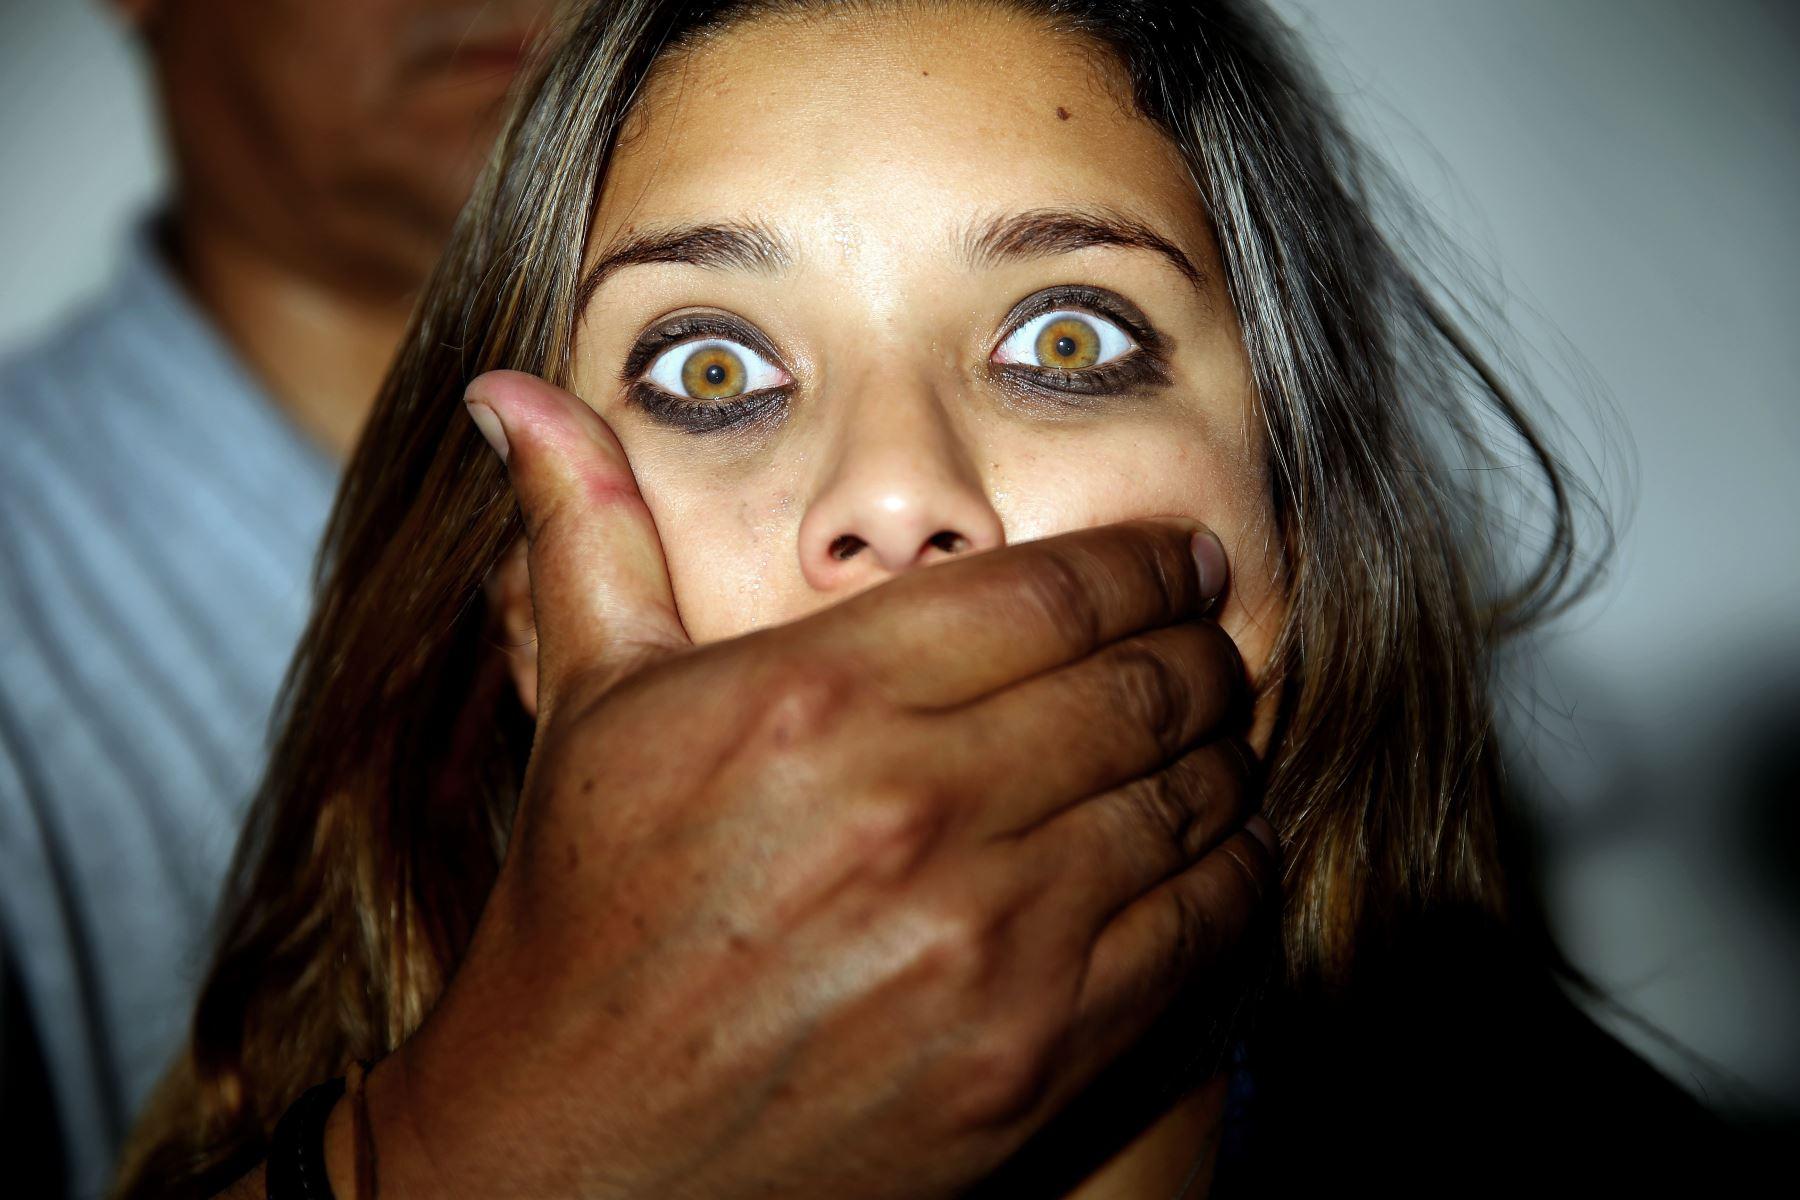 Hoy es el día central del mes de la lucha contra la trata de personas. ANDINA/Luis Iparraguirre